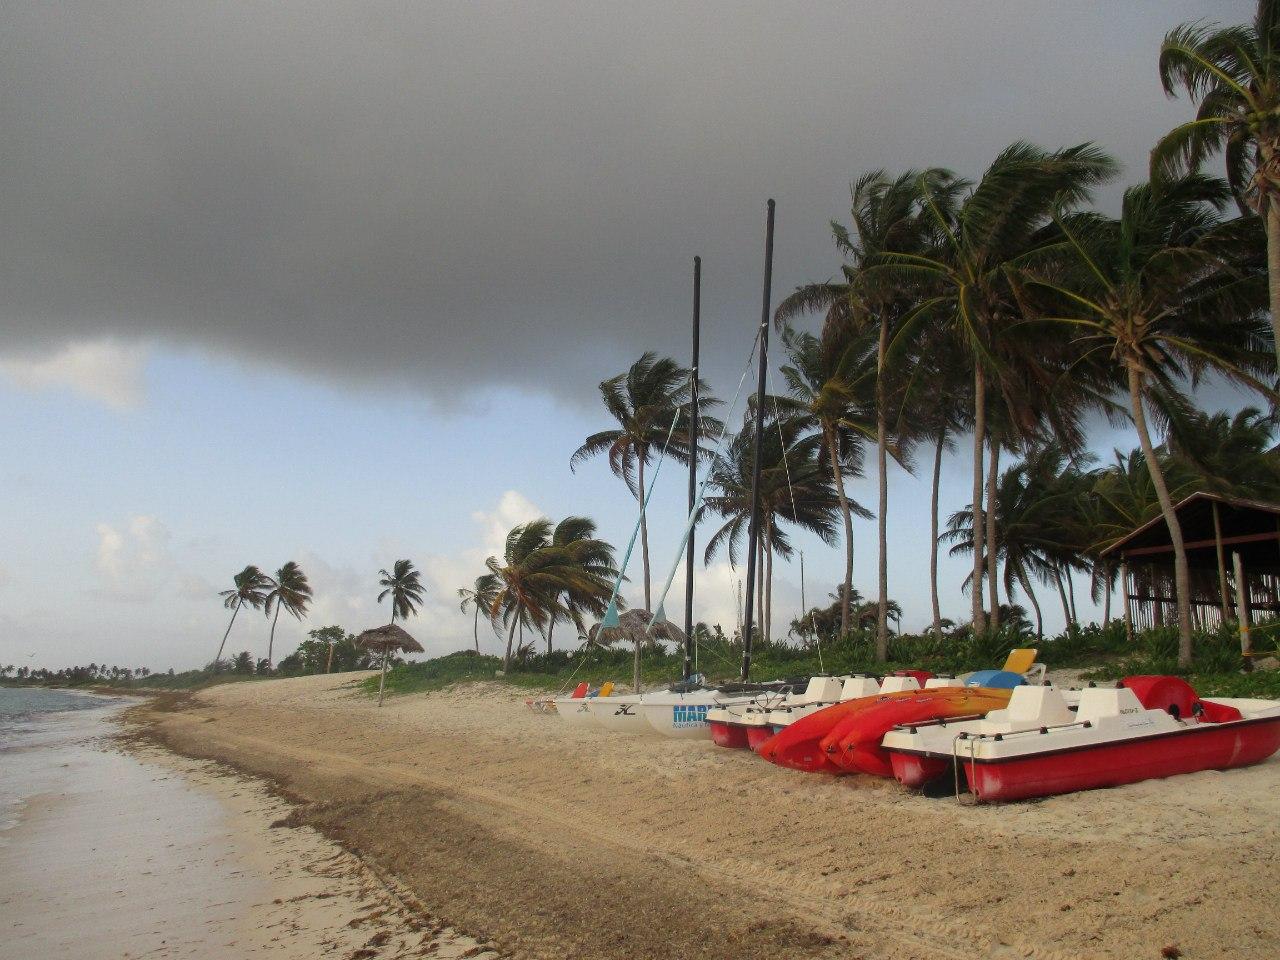 31 День На Кубе! или ¡31 Dias de Locura, Asere! 1 мая - 1 июня 2015.